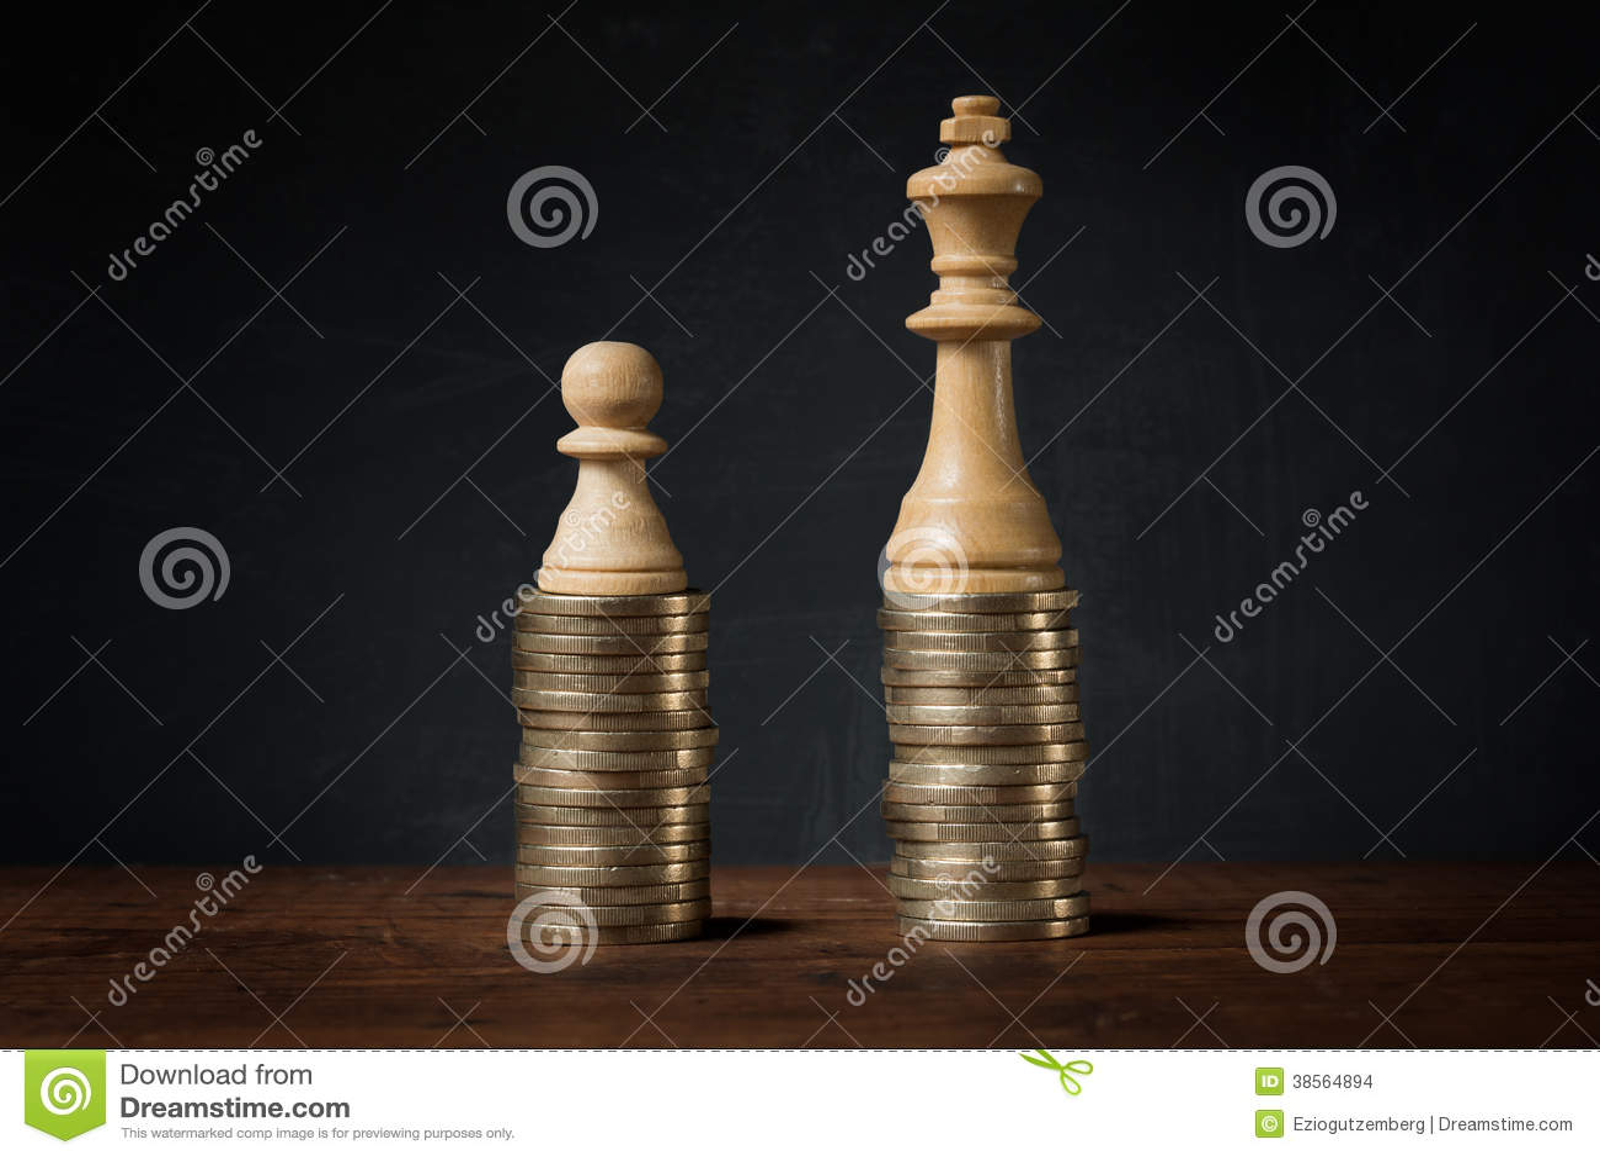 Inkomensverschillen tussen rijk en slecht